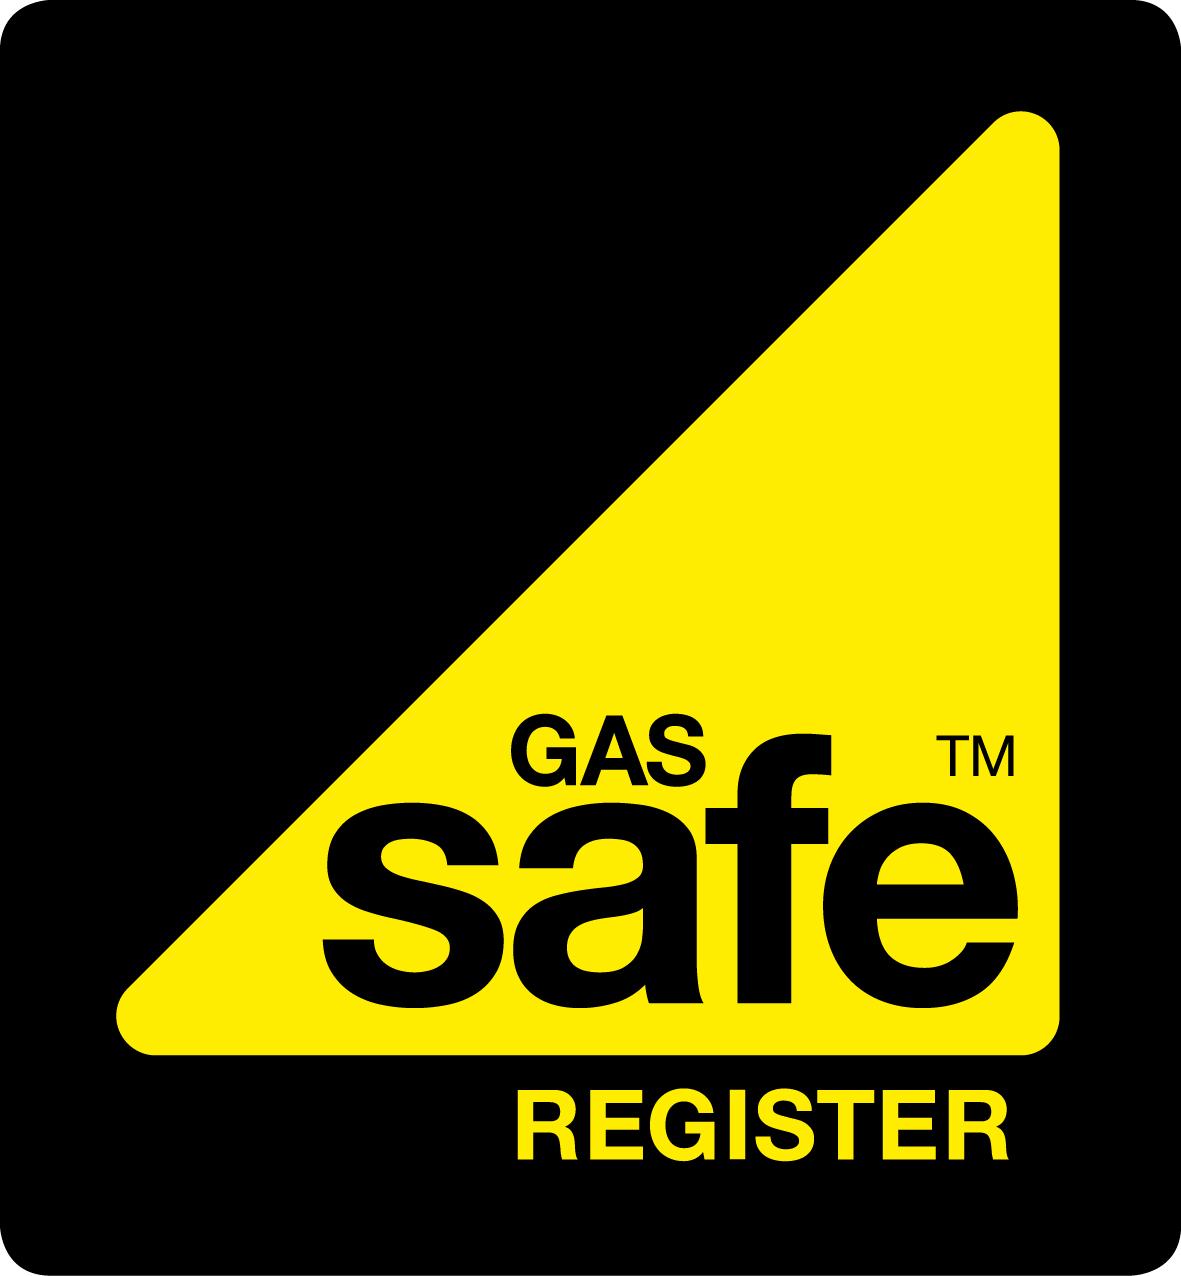 รับติดตั้ง ,เครื่องวัดแก๊ส ,ออกแบบติดตั้ง ,สอบเทียบ ,สอบเทียบนอกสถานที่ ,ISO ,งานวัดแก๊ส ,ออกแบบเครื่องวัด ,เช่าเครื่องวัดแก๊ส